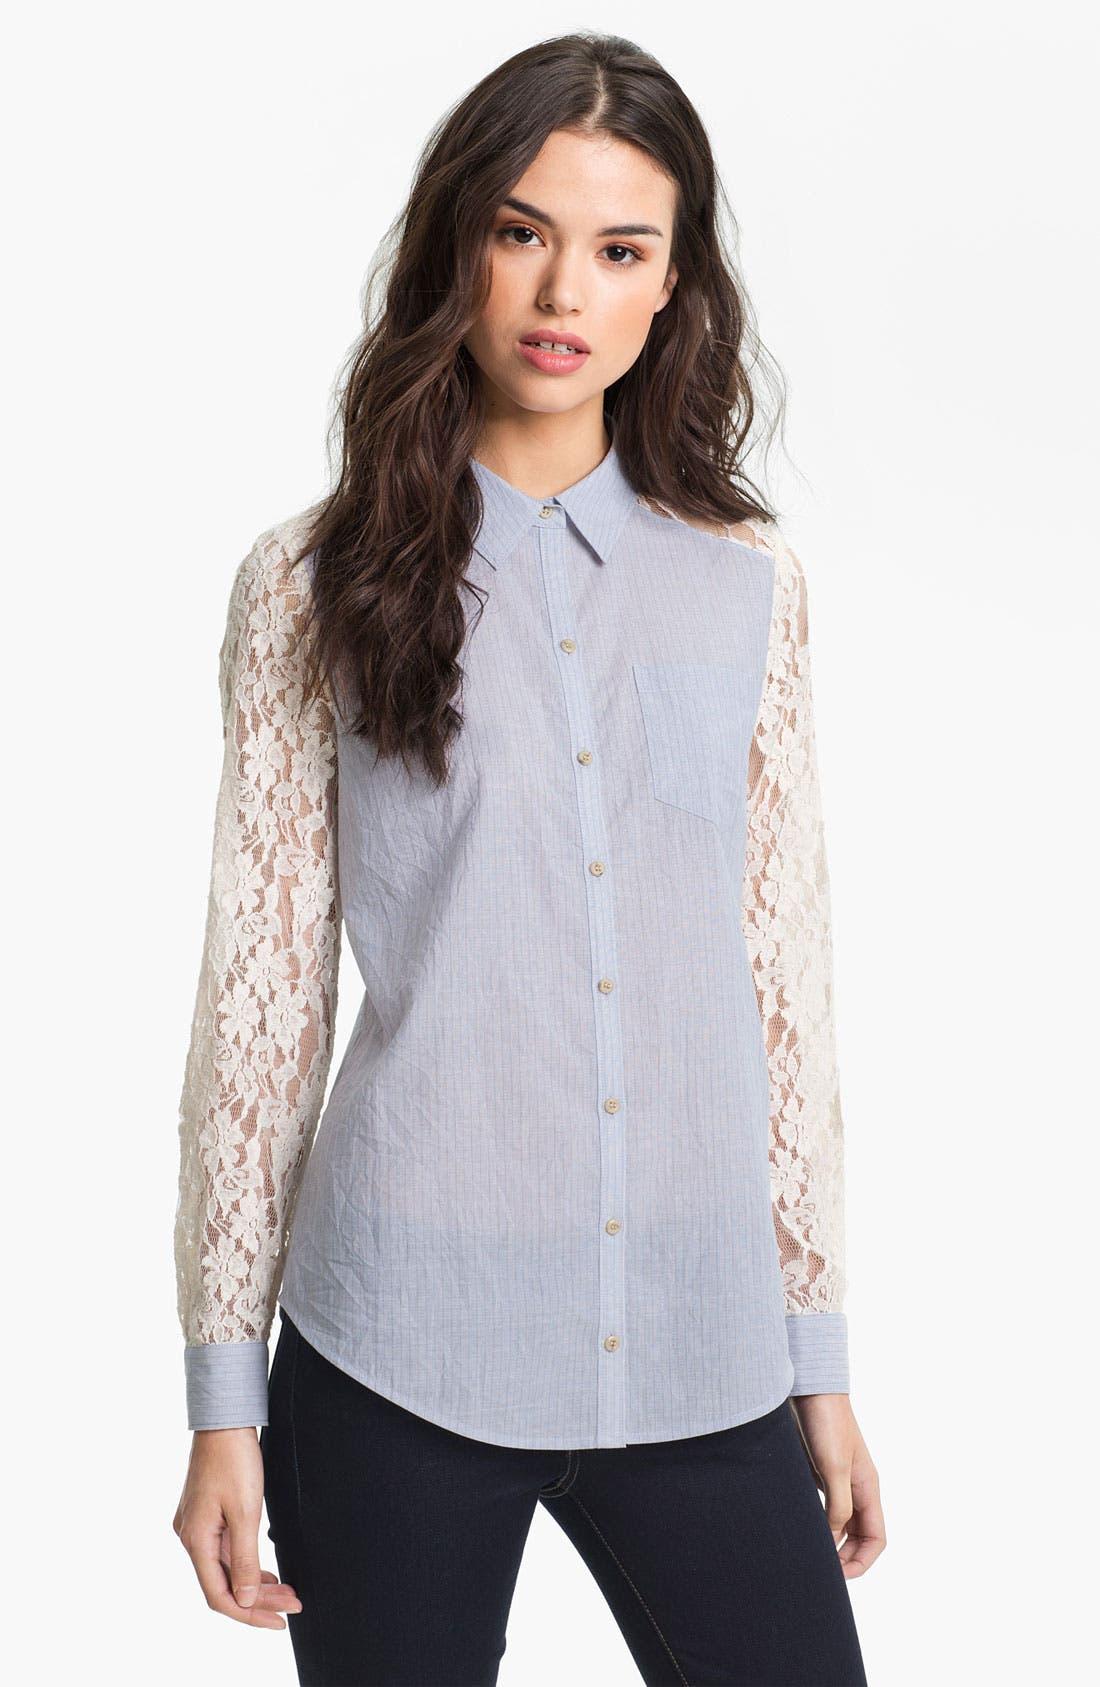 Alternate Image 1 Selected - Hinge® Mixed Media Lace Sleeve Shirt